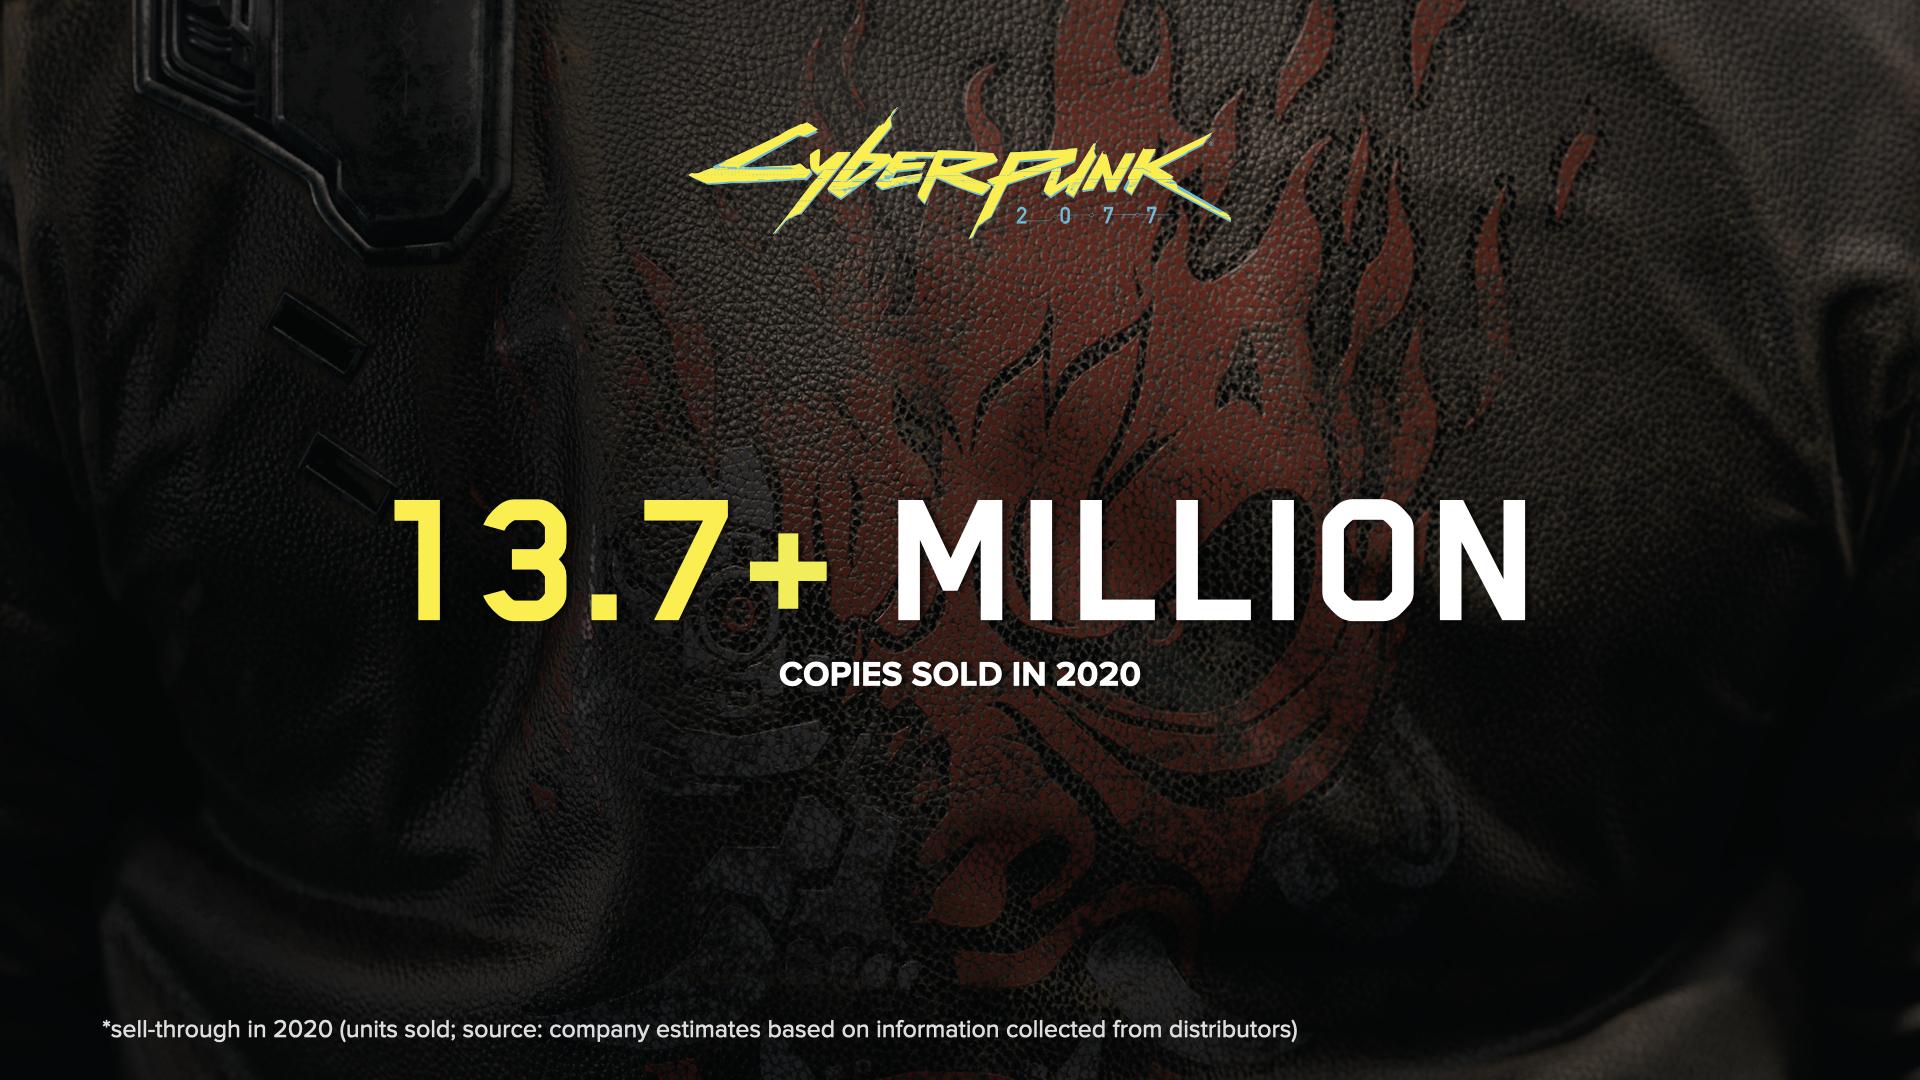 Финансовый отчёт CDPR: продажи Cyberpunk 2077 в 2020 году, сроки релиза мобильной The Witcher: Monster Slayer и другое